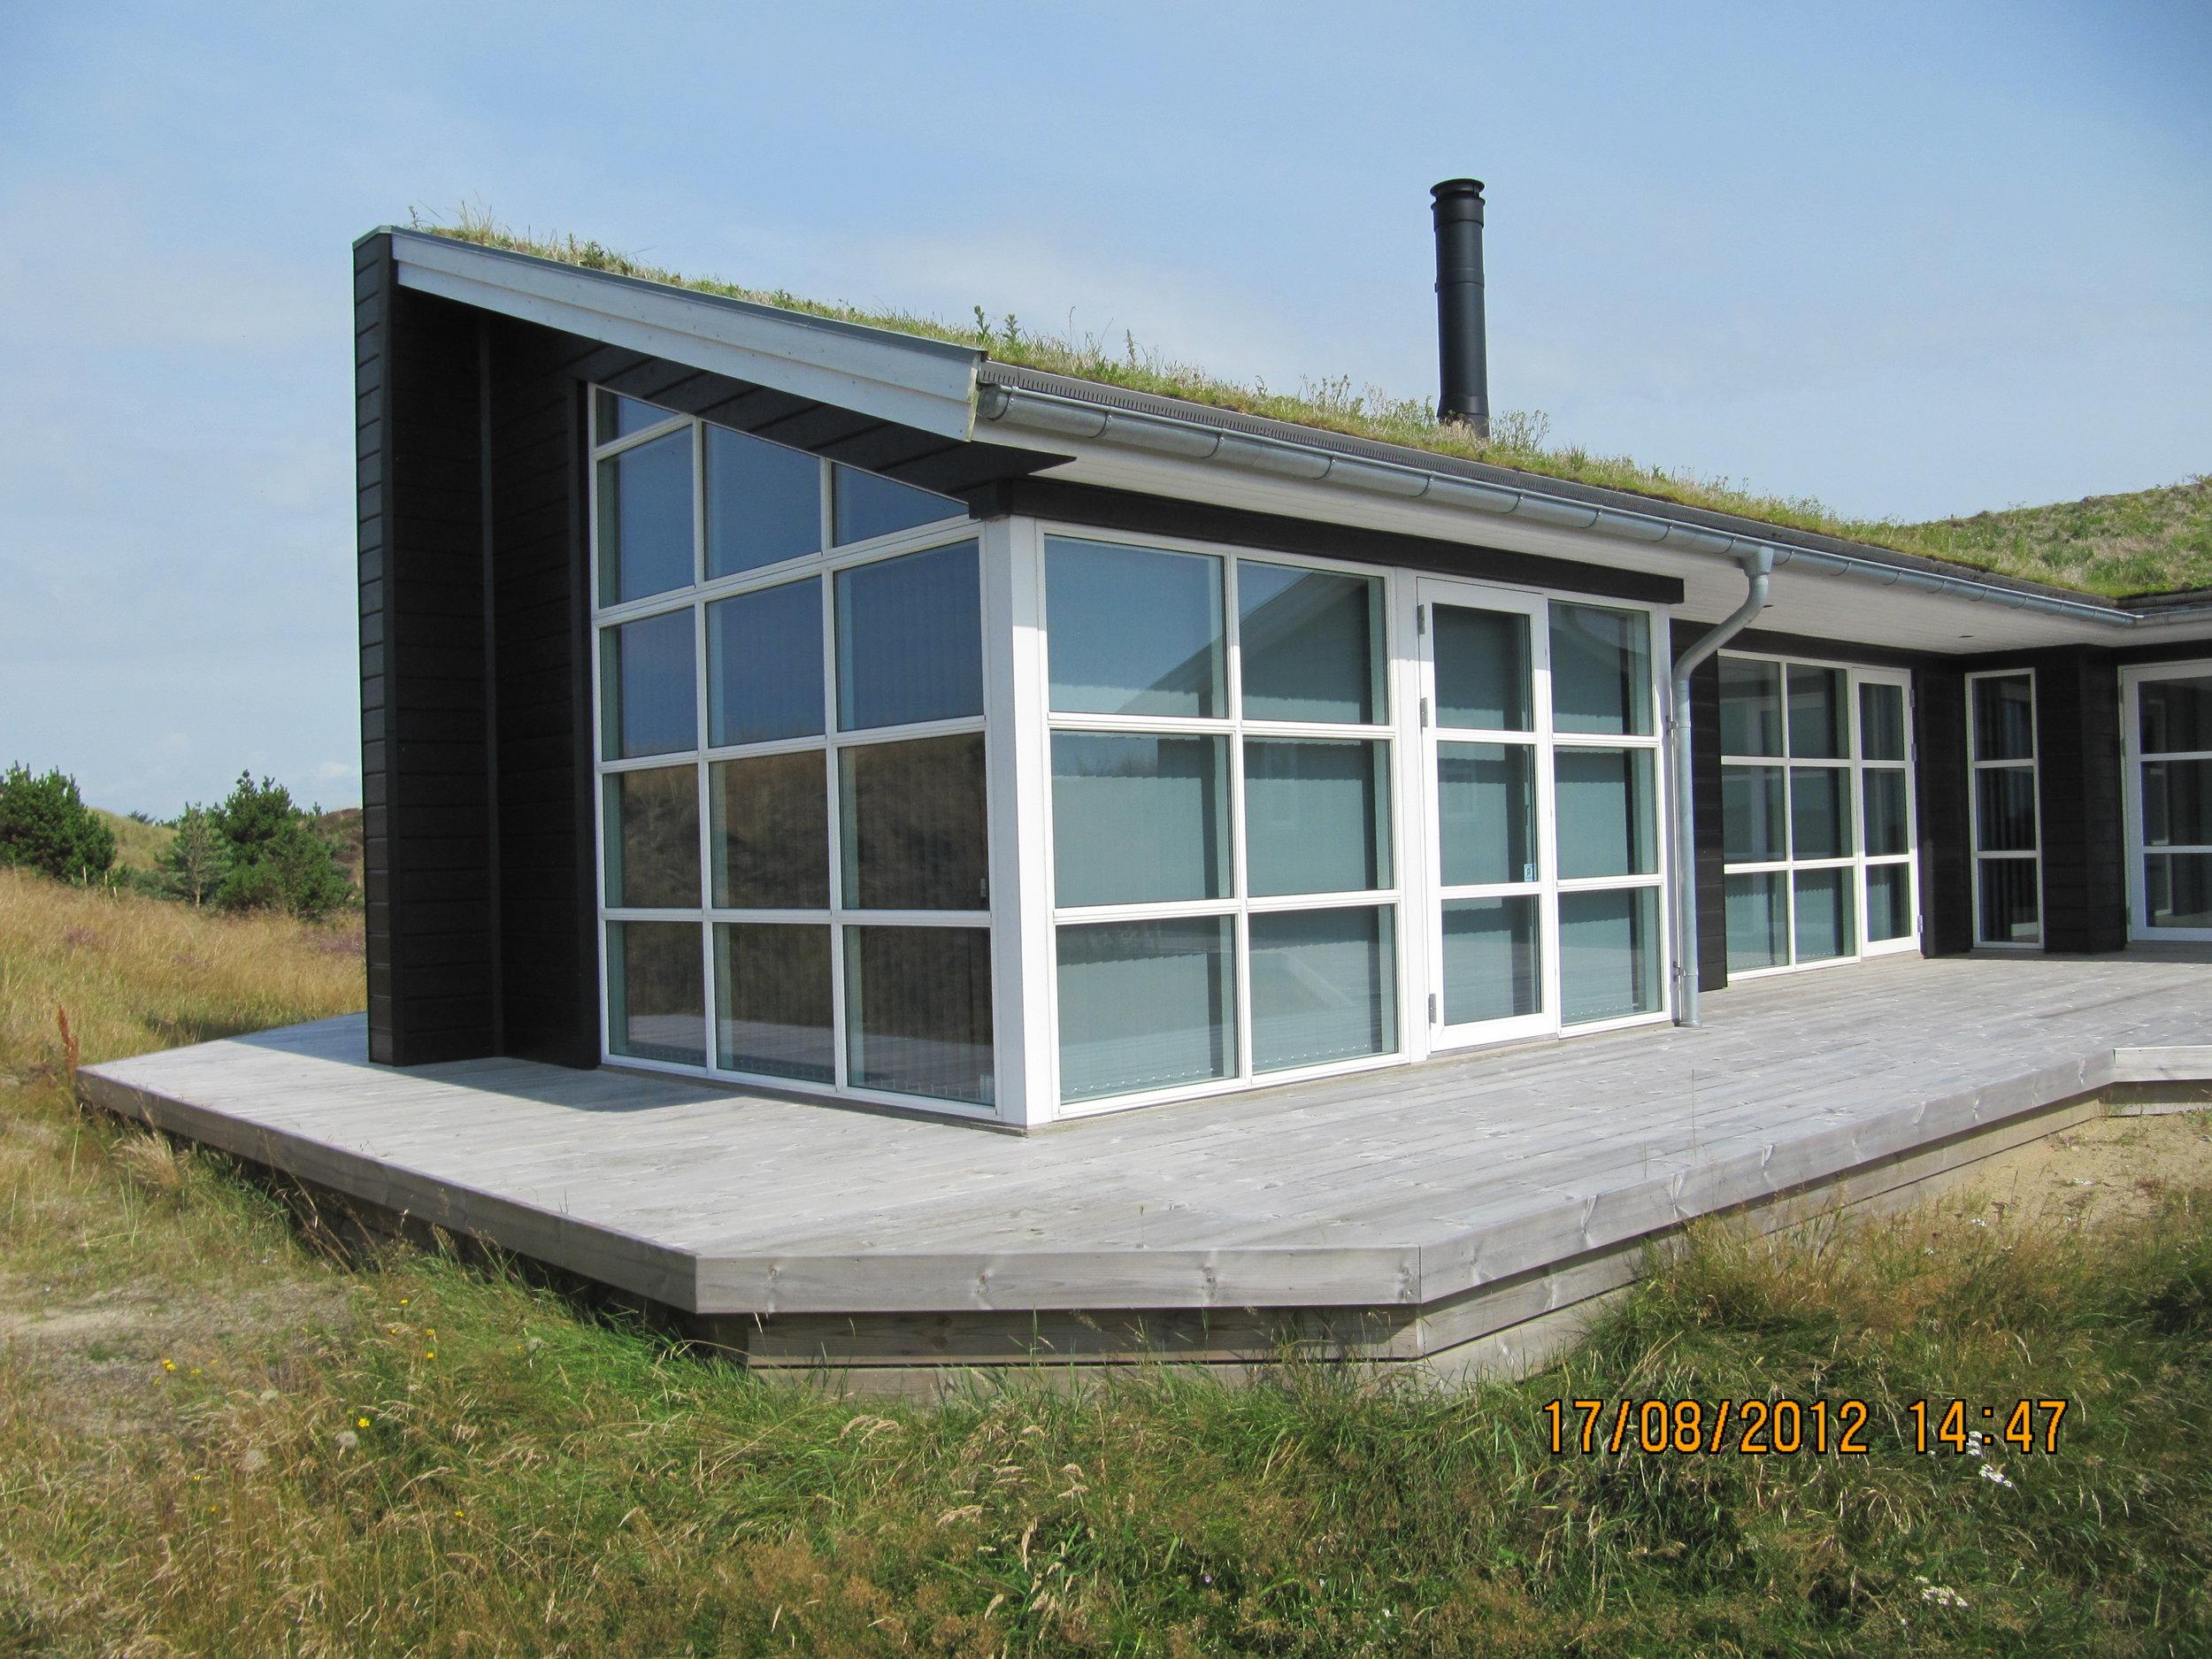 Sommerhus190812 007.JPG